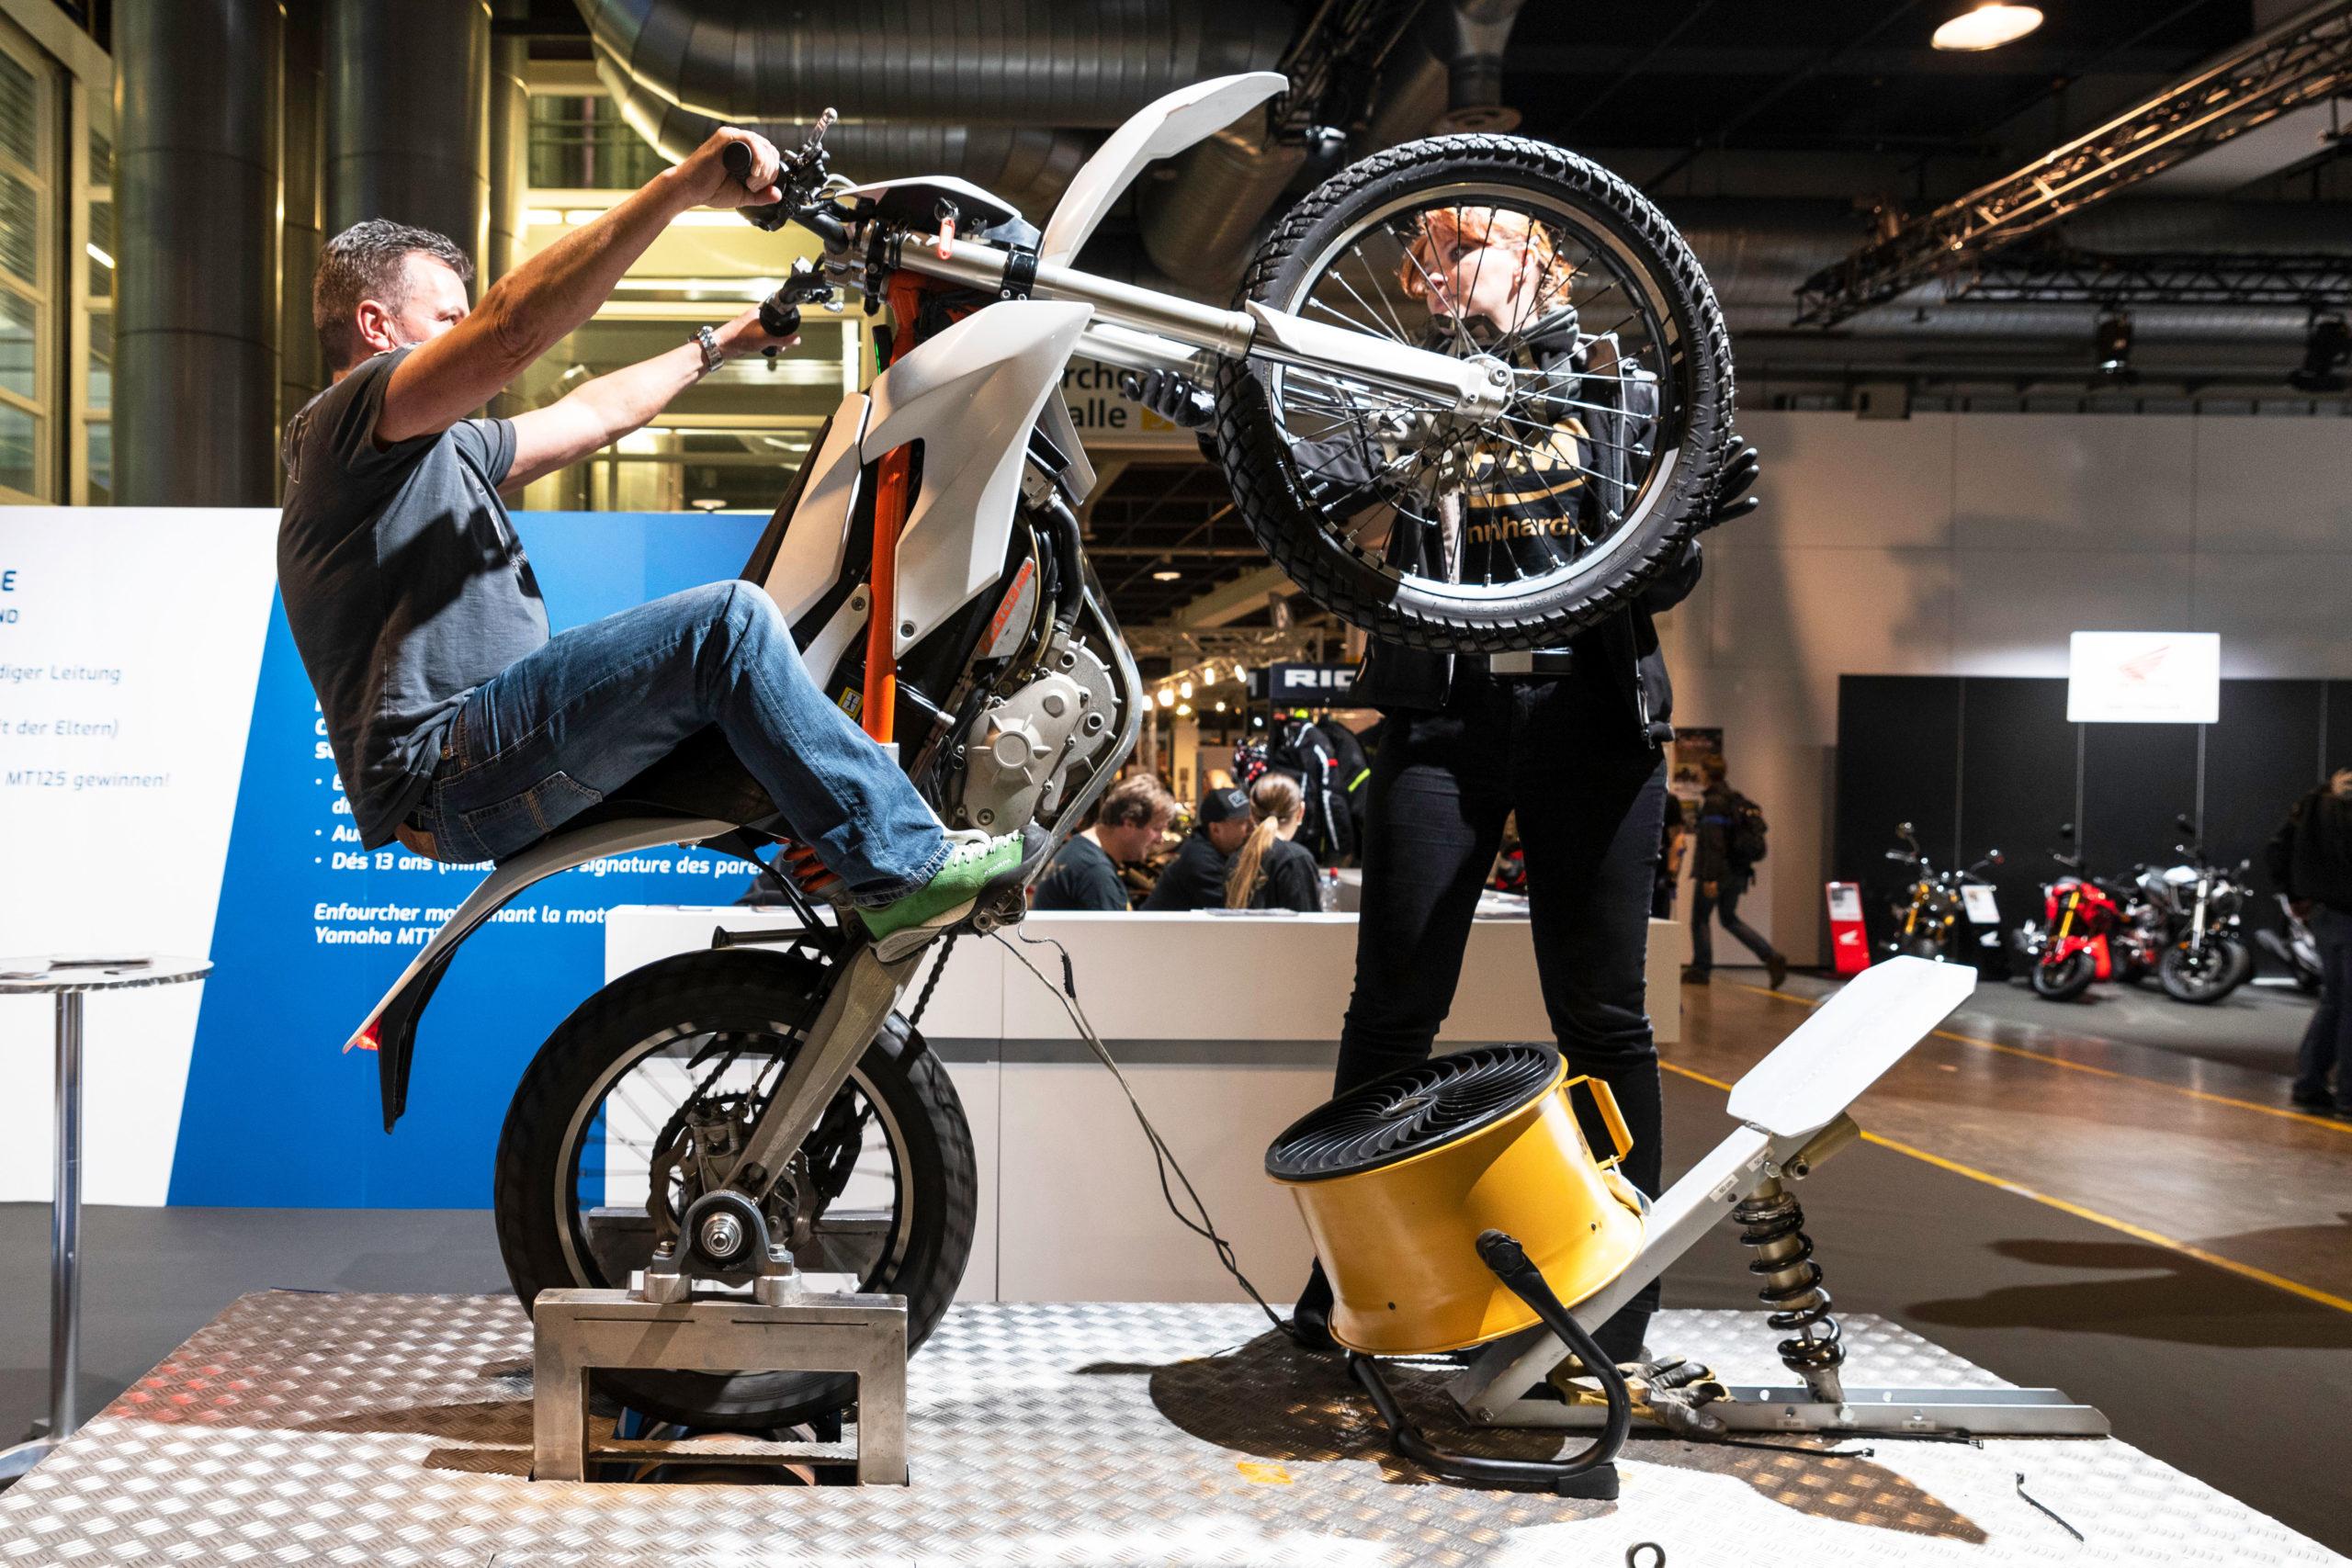 Salon moto 24